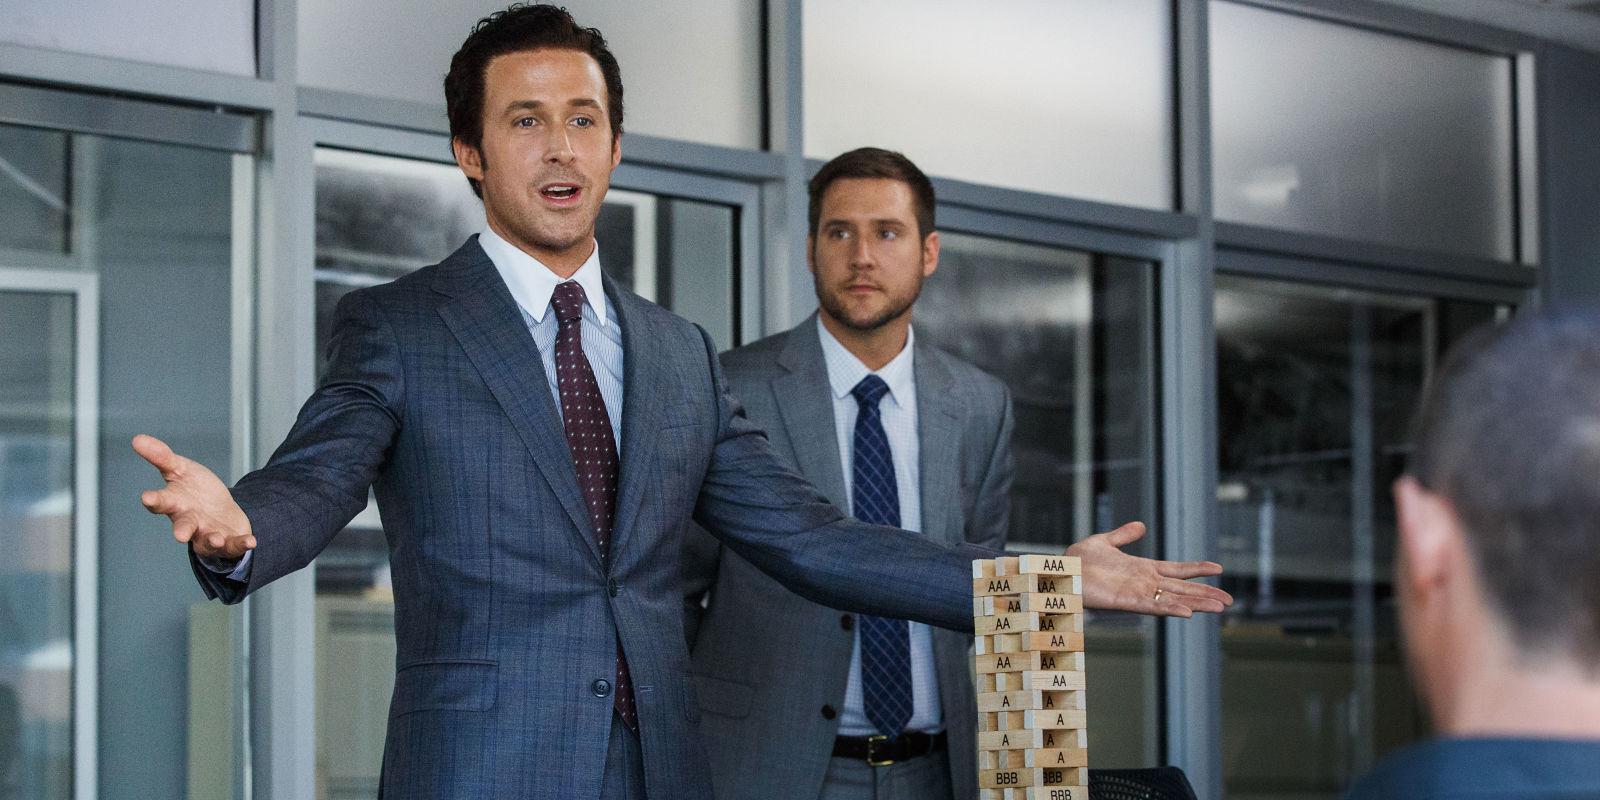 'The Big Short' And 'Where To Invade Next' Movie Reviews